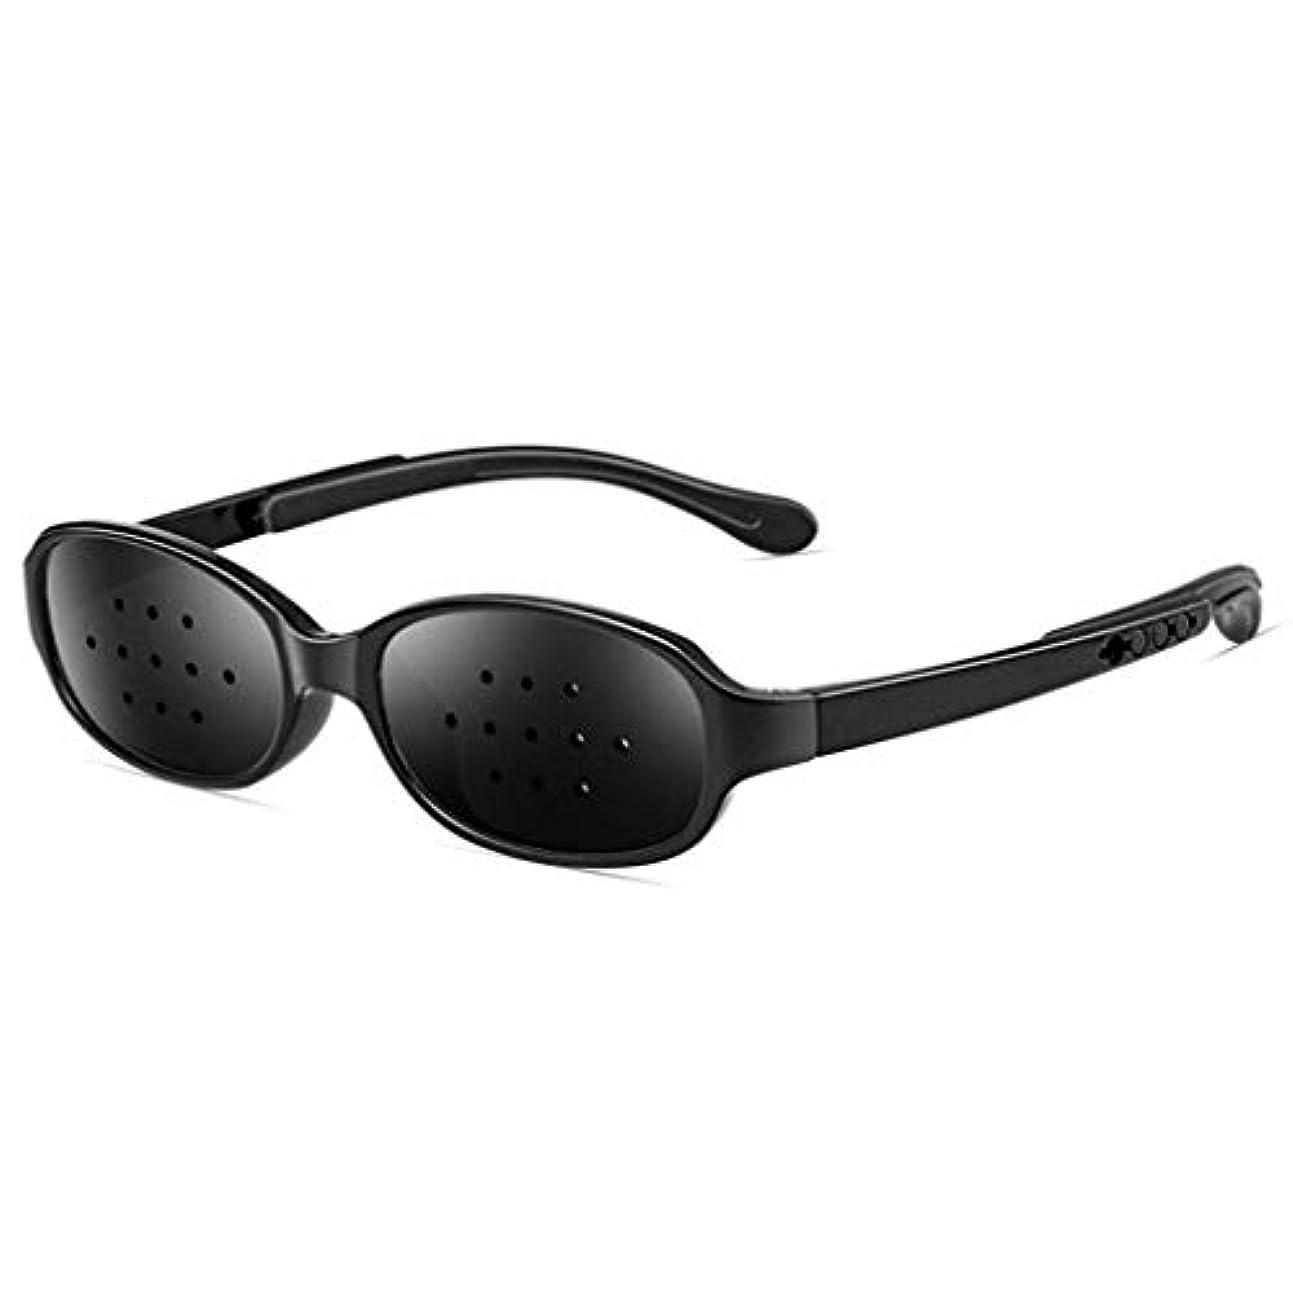 ユーモアクロスブラジャーピンホールメガネ、視力矯正メガネ網状視力保護メガネ耐疲労性メガネ近視の防止メガネの改善 (Color : 黒)